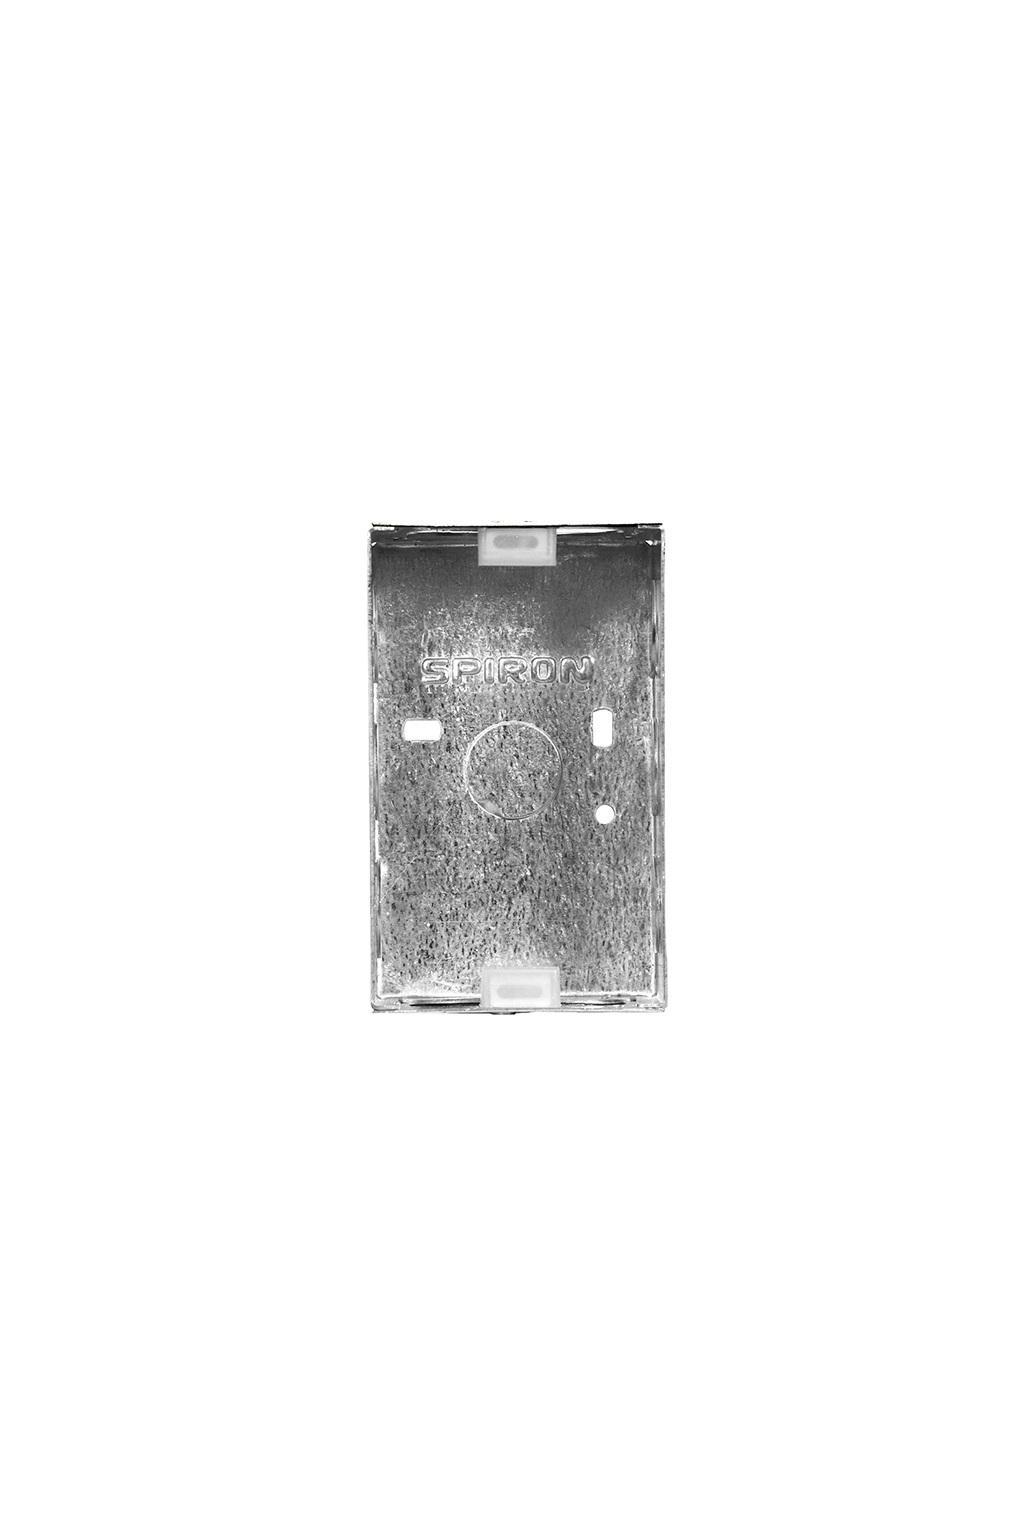 4 MODULE GI ELECTRICAL MODULAR BOX